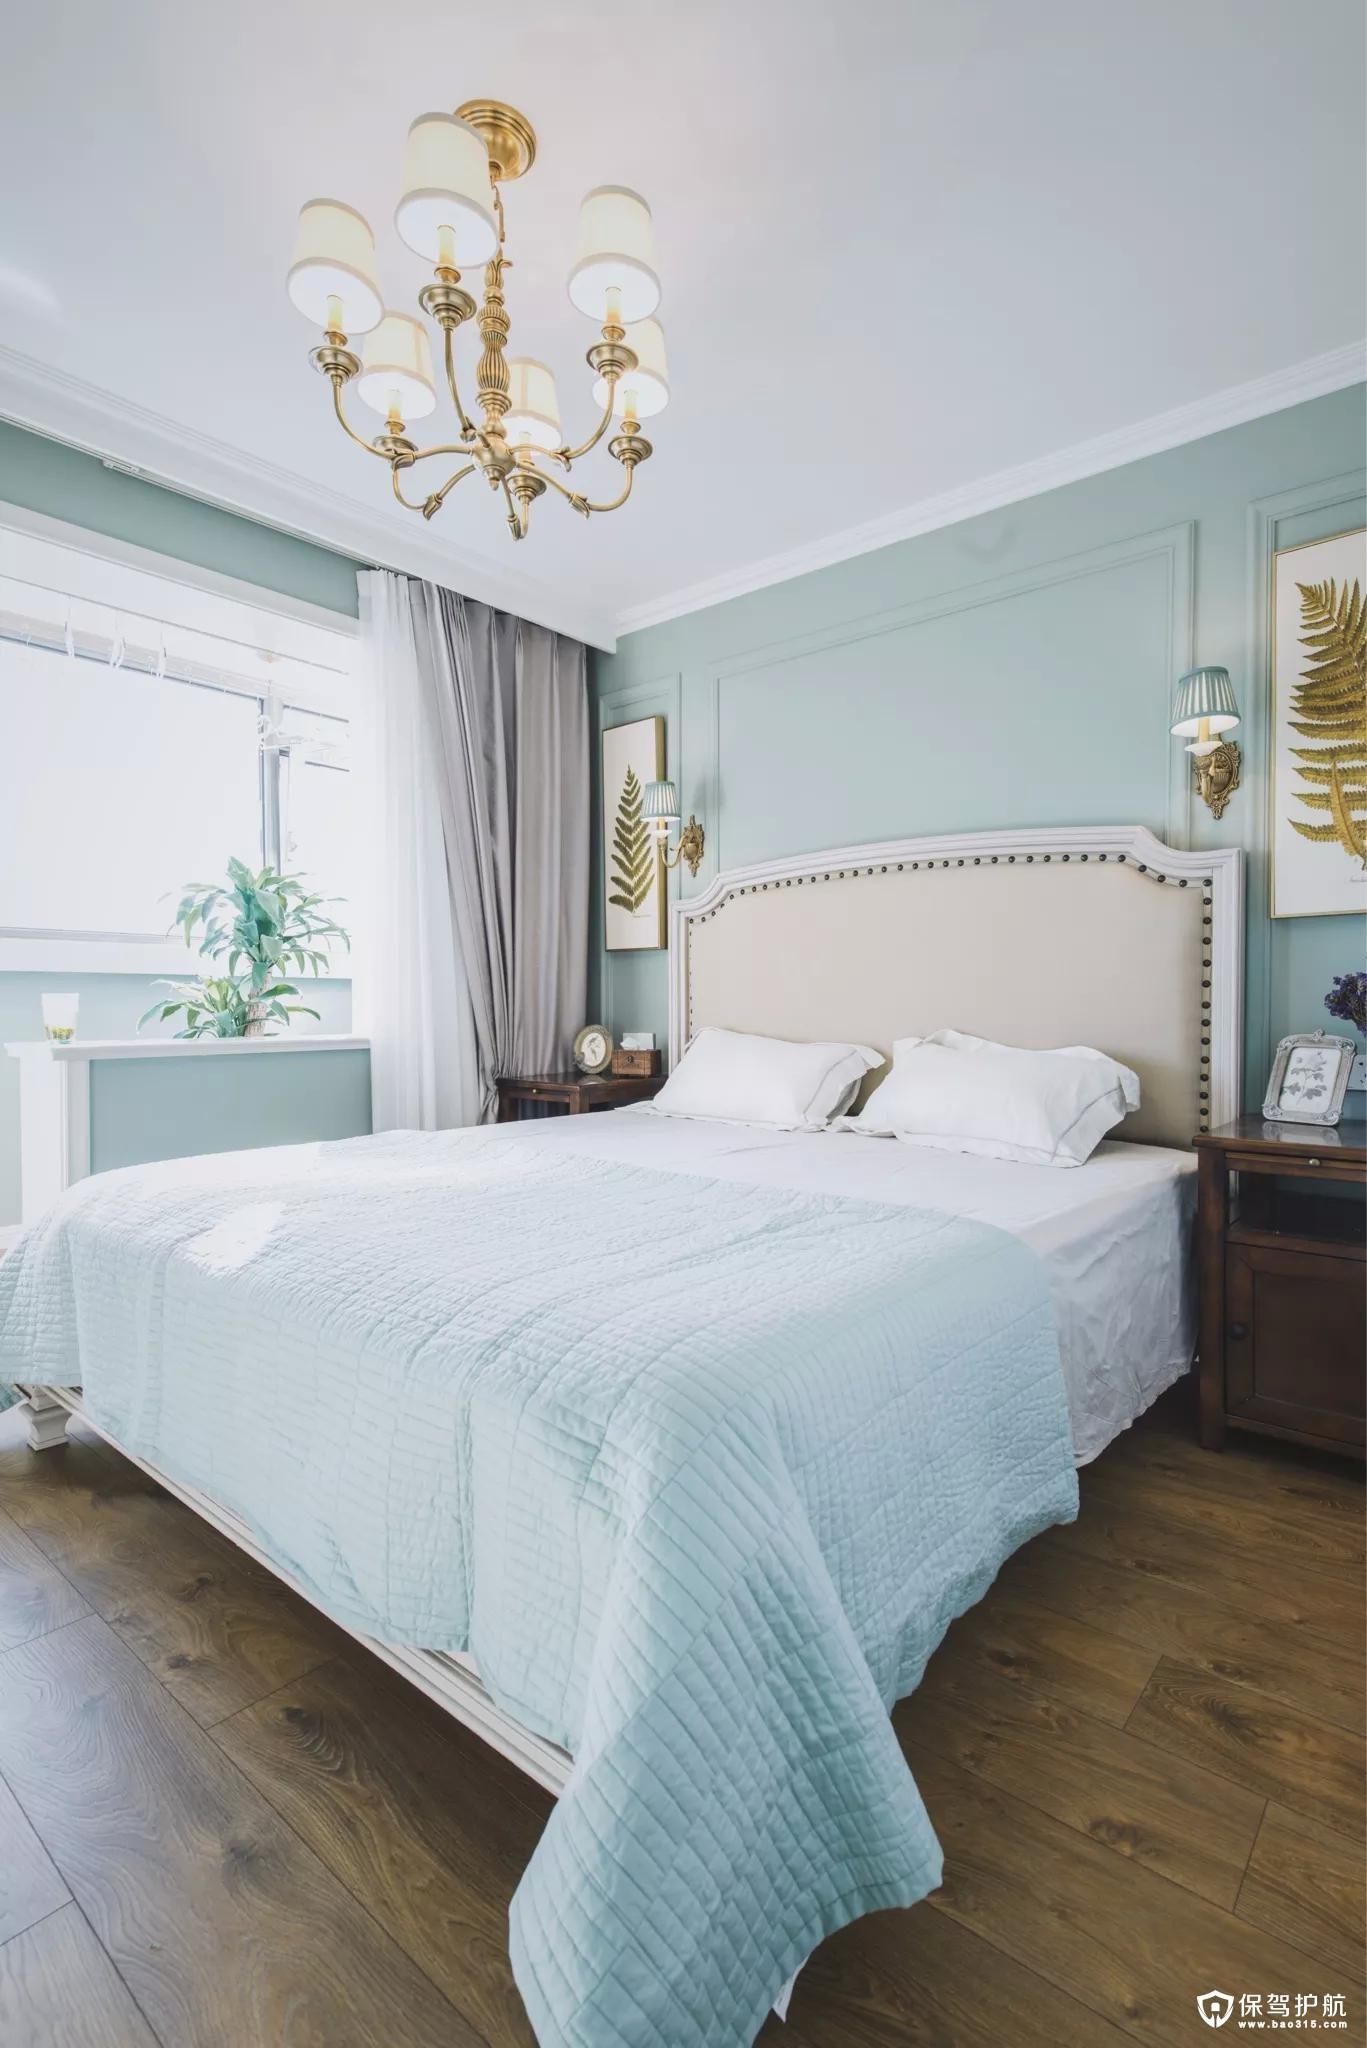 窗边的窗台上摆上清新的绿植,搭配上舒适优雅的床单,呈现出一个安静舒适的氛围。